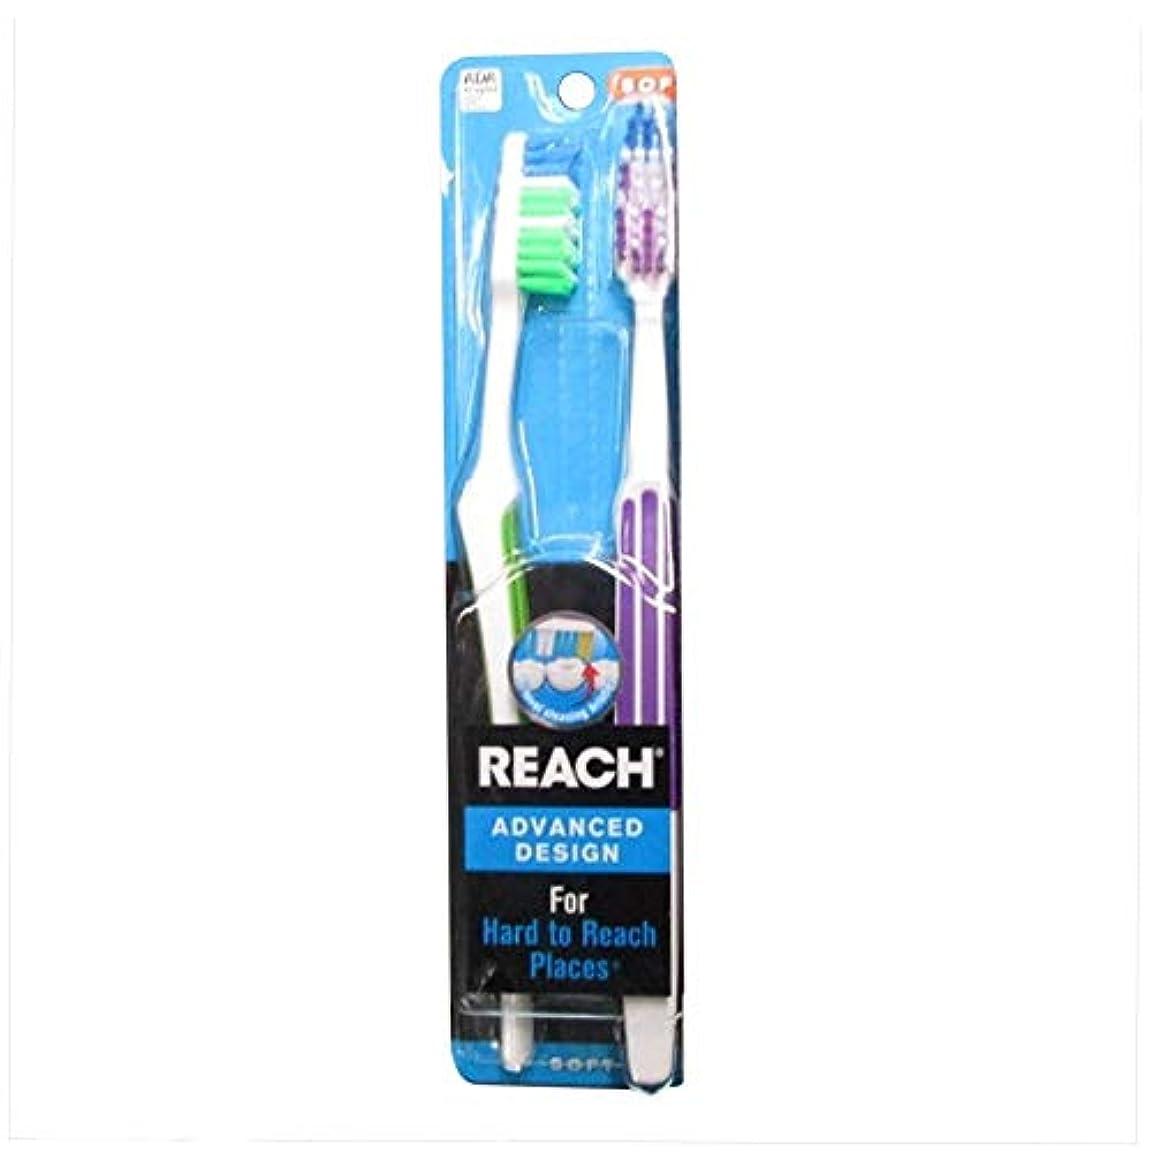 憲法ご覧くださいかりてReach 高度なデザイン完全な頭部柔らかい歯ブラシ、盛り合わせ色、2カウント(2パック)合計4歯ブラシ